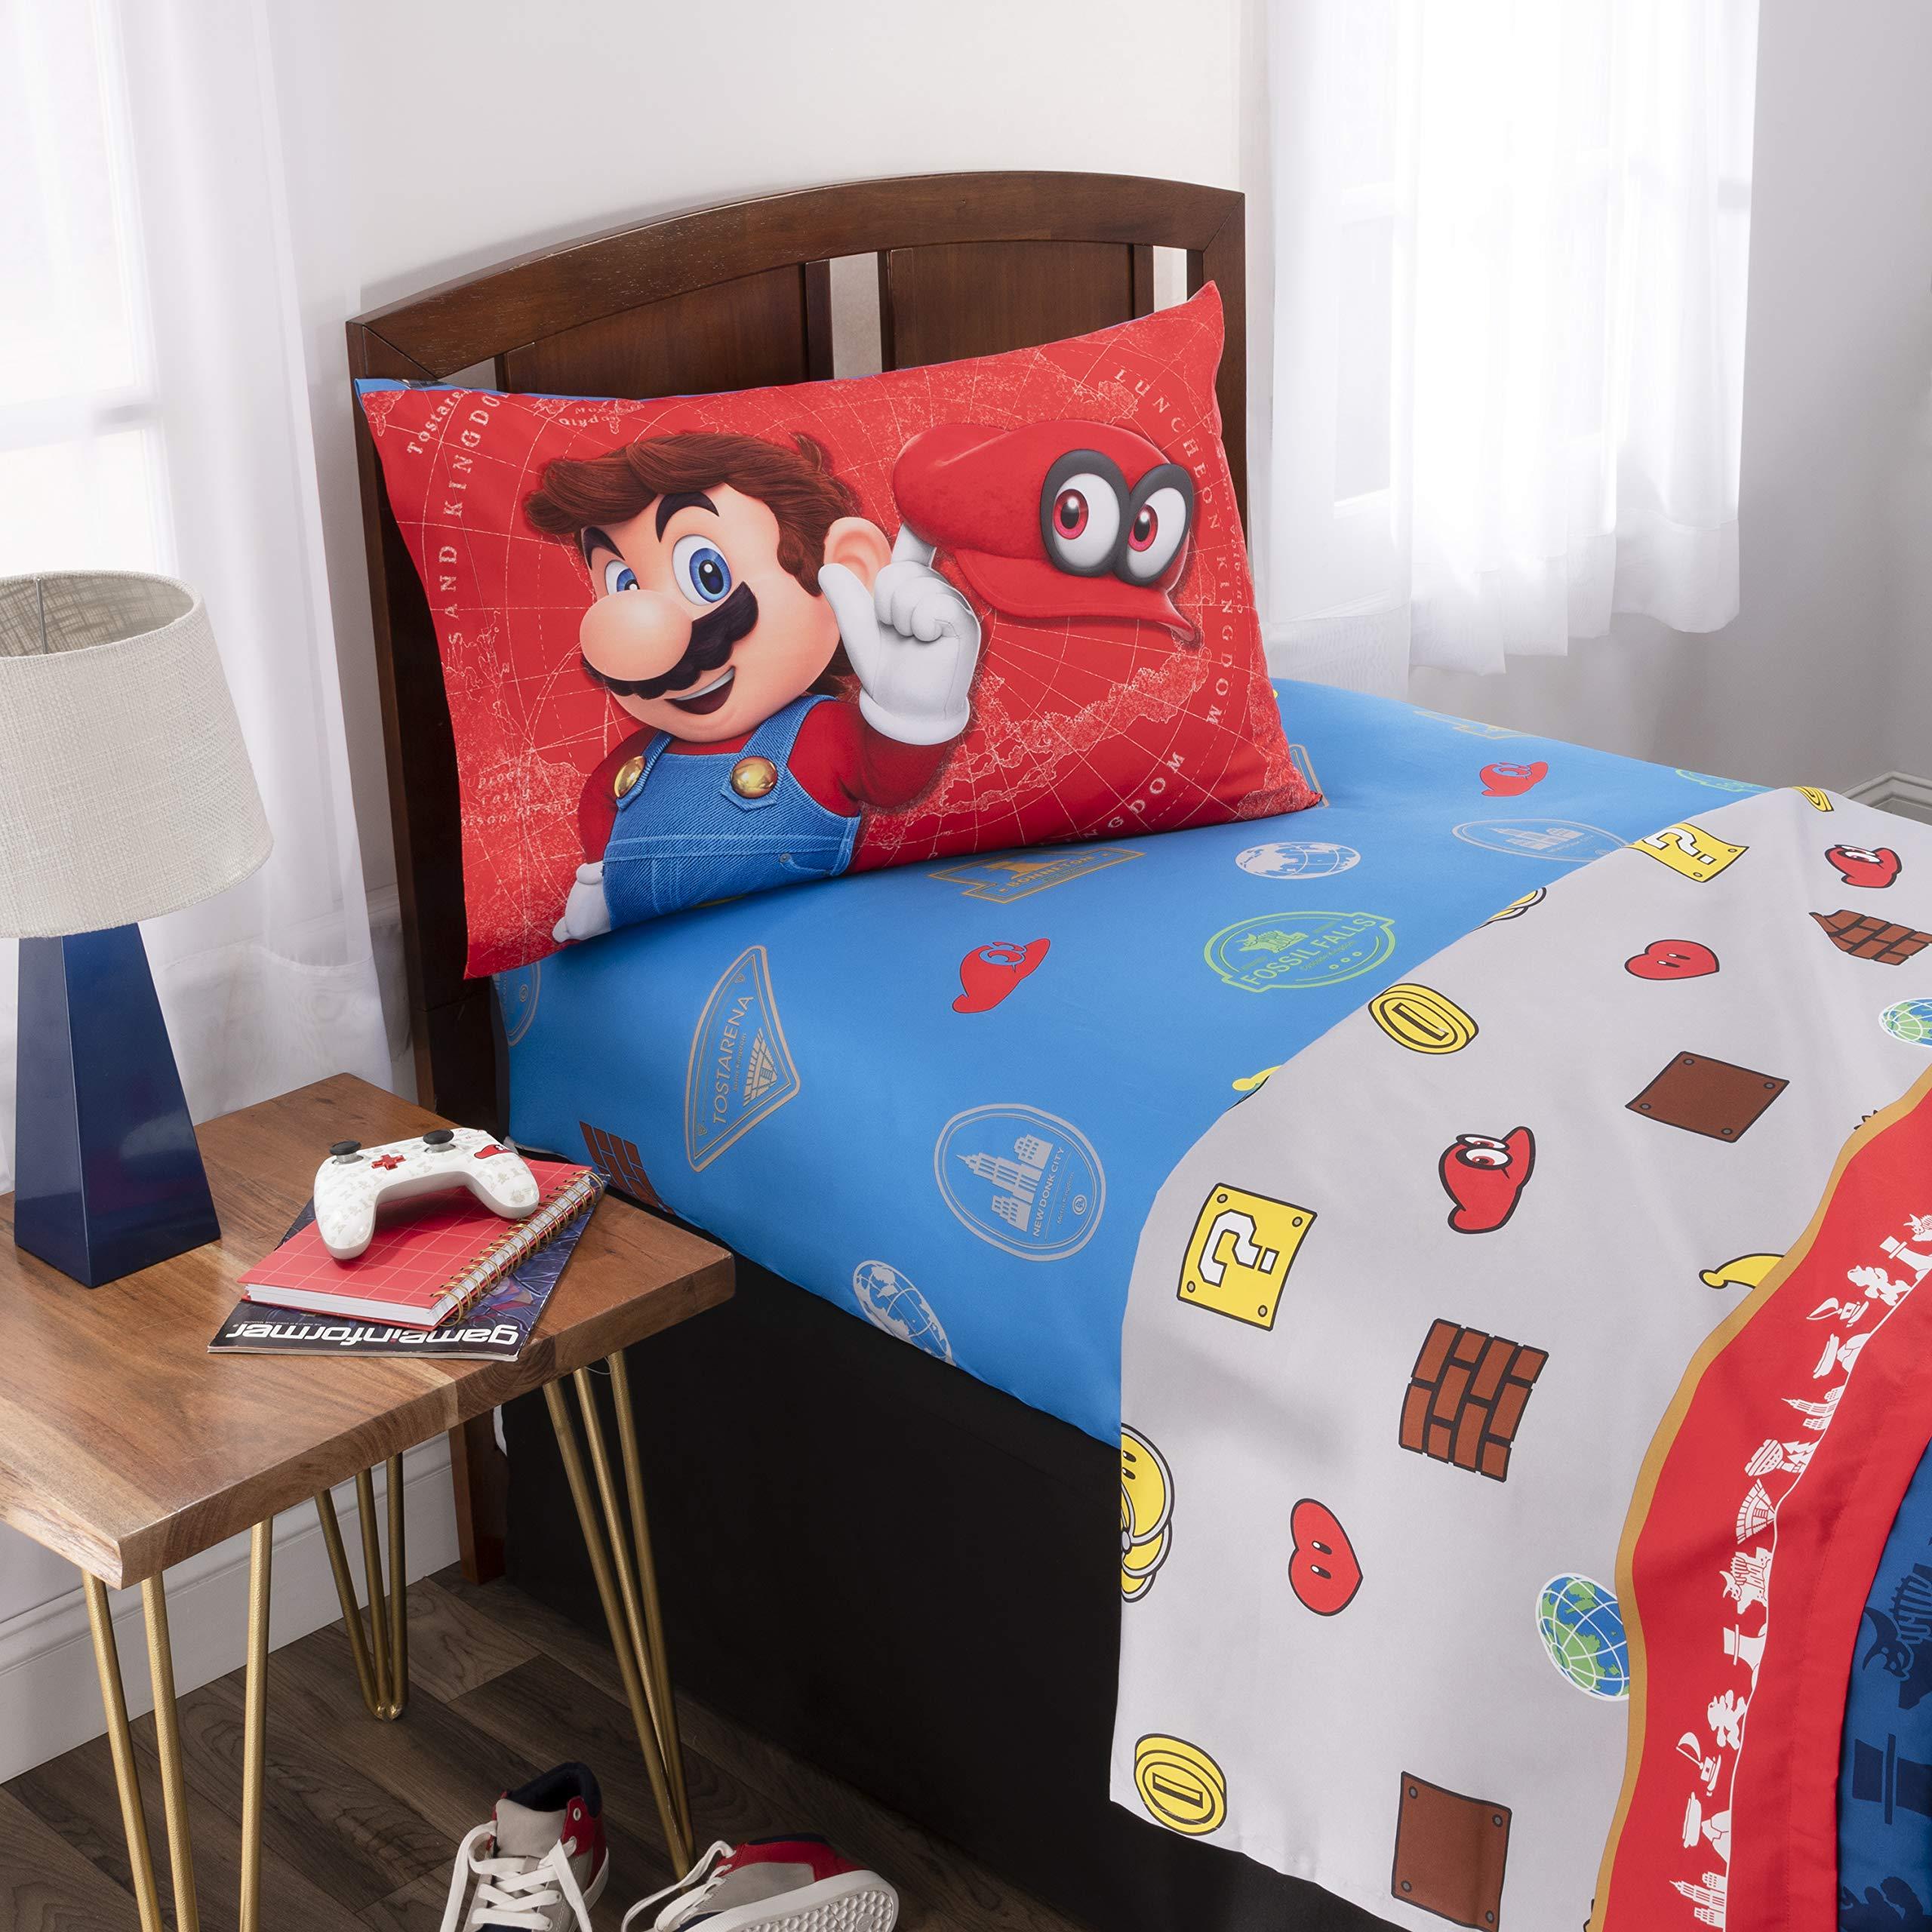 Nintendo Super Mario Caps Off Twin Sheet Set, 3 Pc